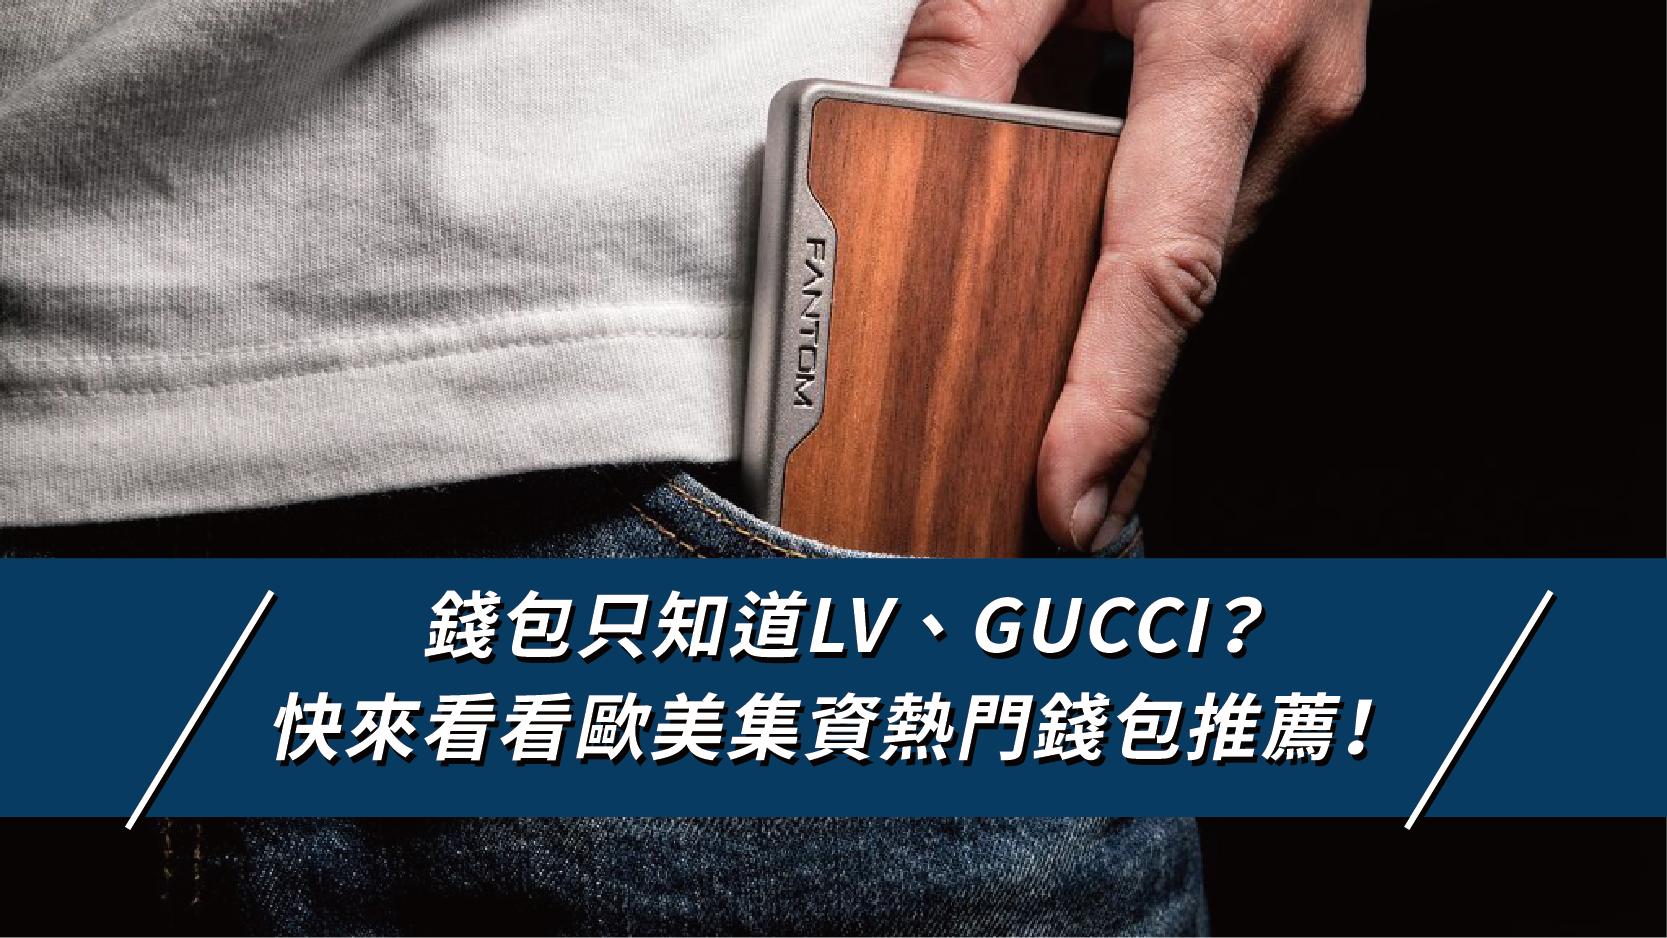 錢包只知道LV、GUCCI?快來看看歐美集資熱門錢包推薦!